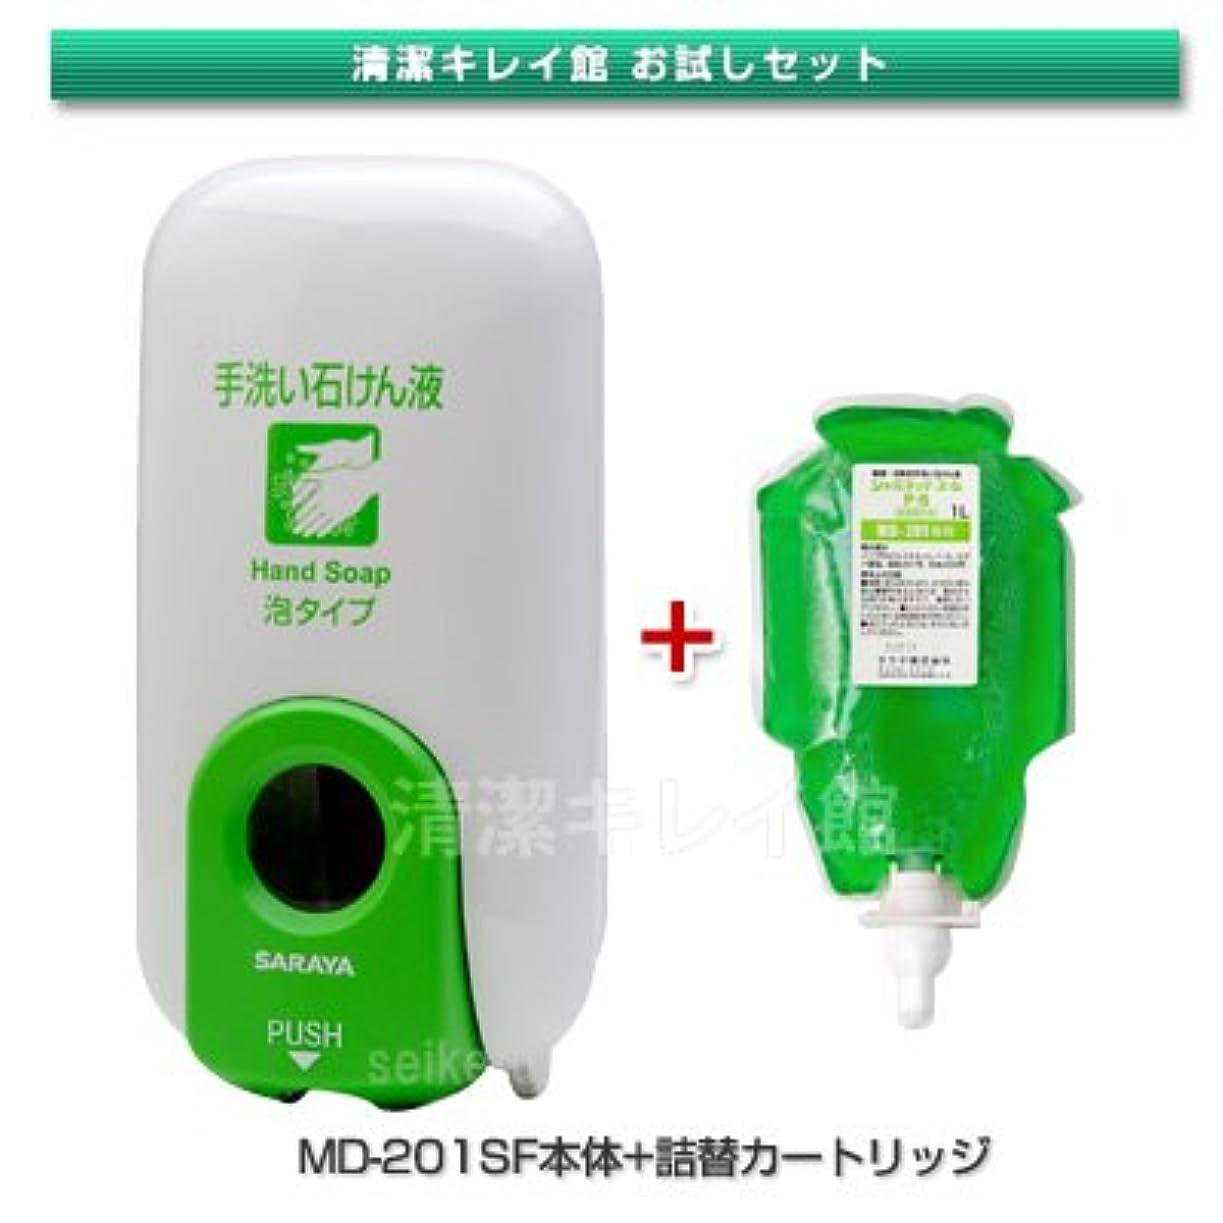 静かに説得現在サラヤ プッシュ式石鹸液 MD-201SF(泡)【清潔キレイ館お試しセット】(本体とカートリッジ/ユムP-5)